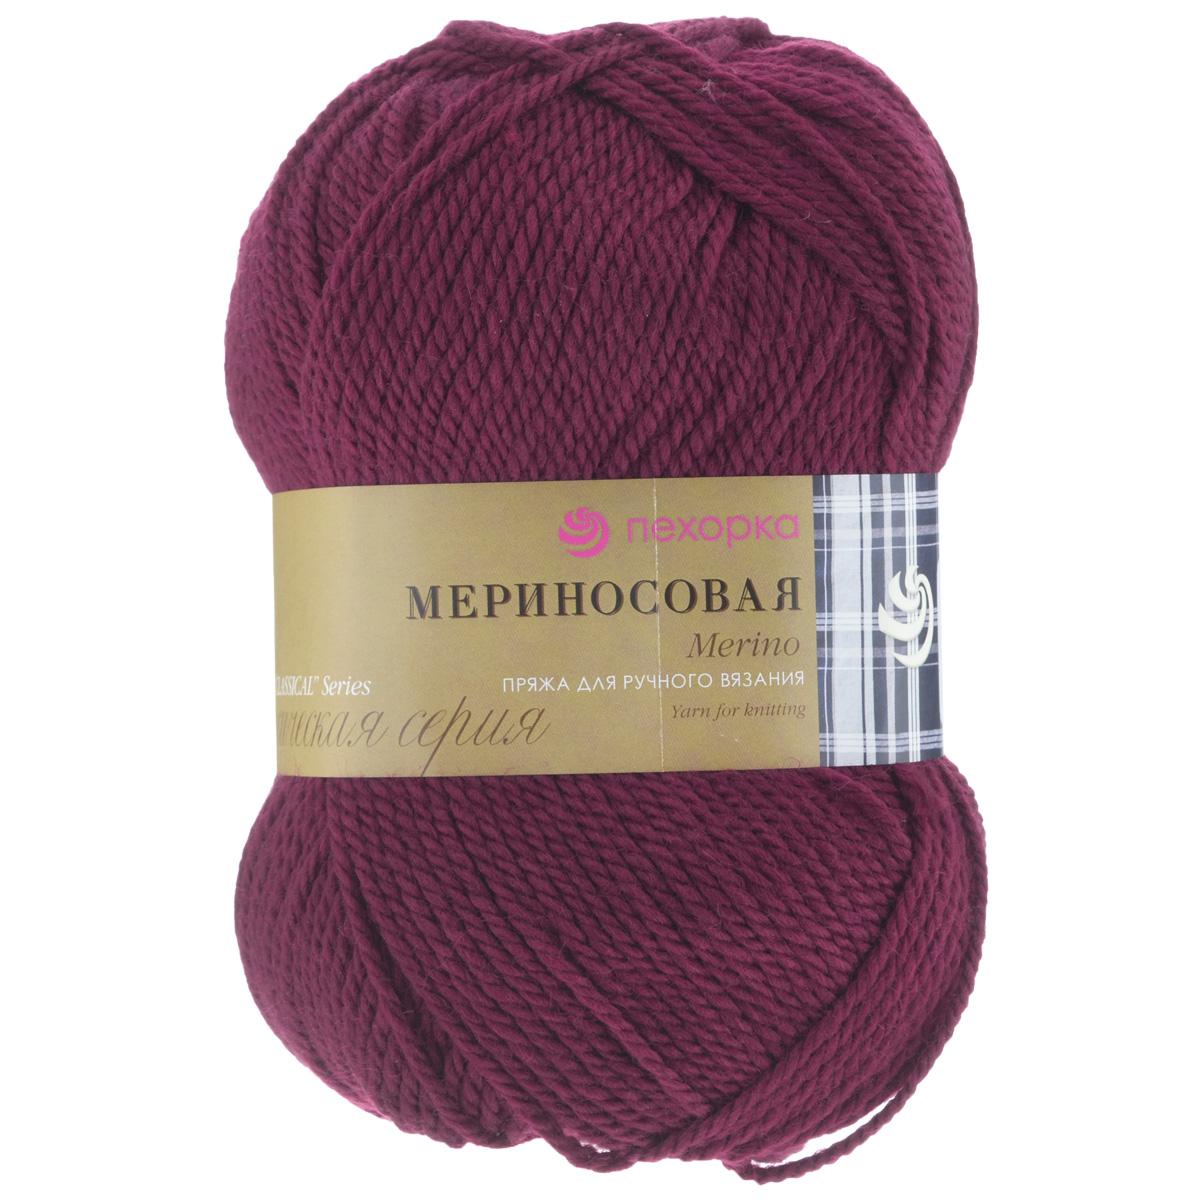 Пряжа для вязания Пехорка Мериносовая, цвет: бордовый (07), 200 м, 100 г, 10 шт пряжа для вязания пехорка мериносовая цвет изумрудный 335 200 м 100 г 10 шт